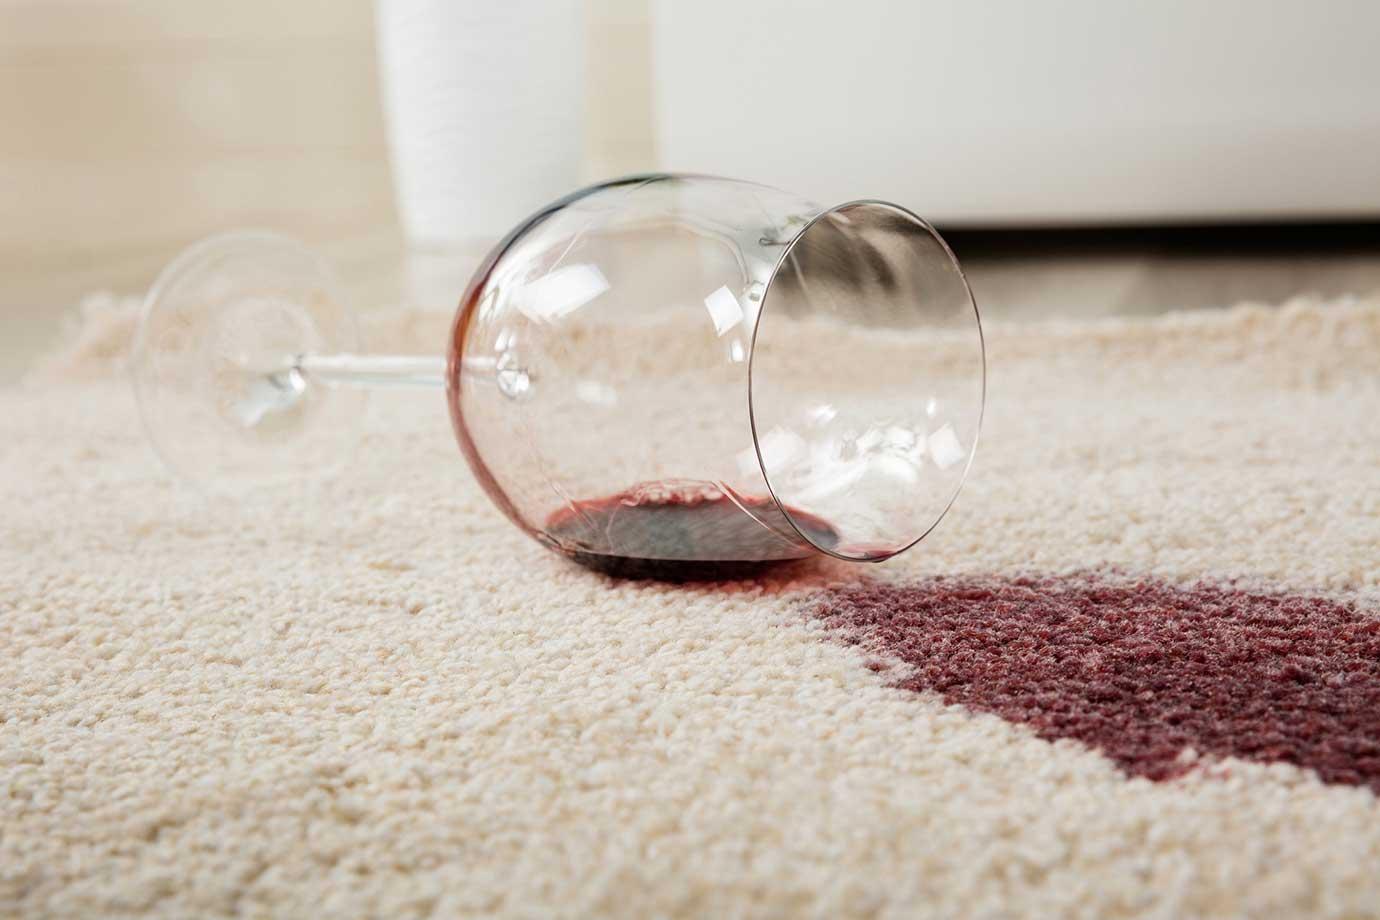 comment enlever les taches de vin sur